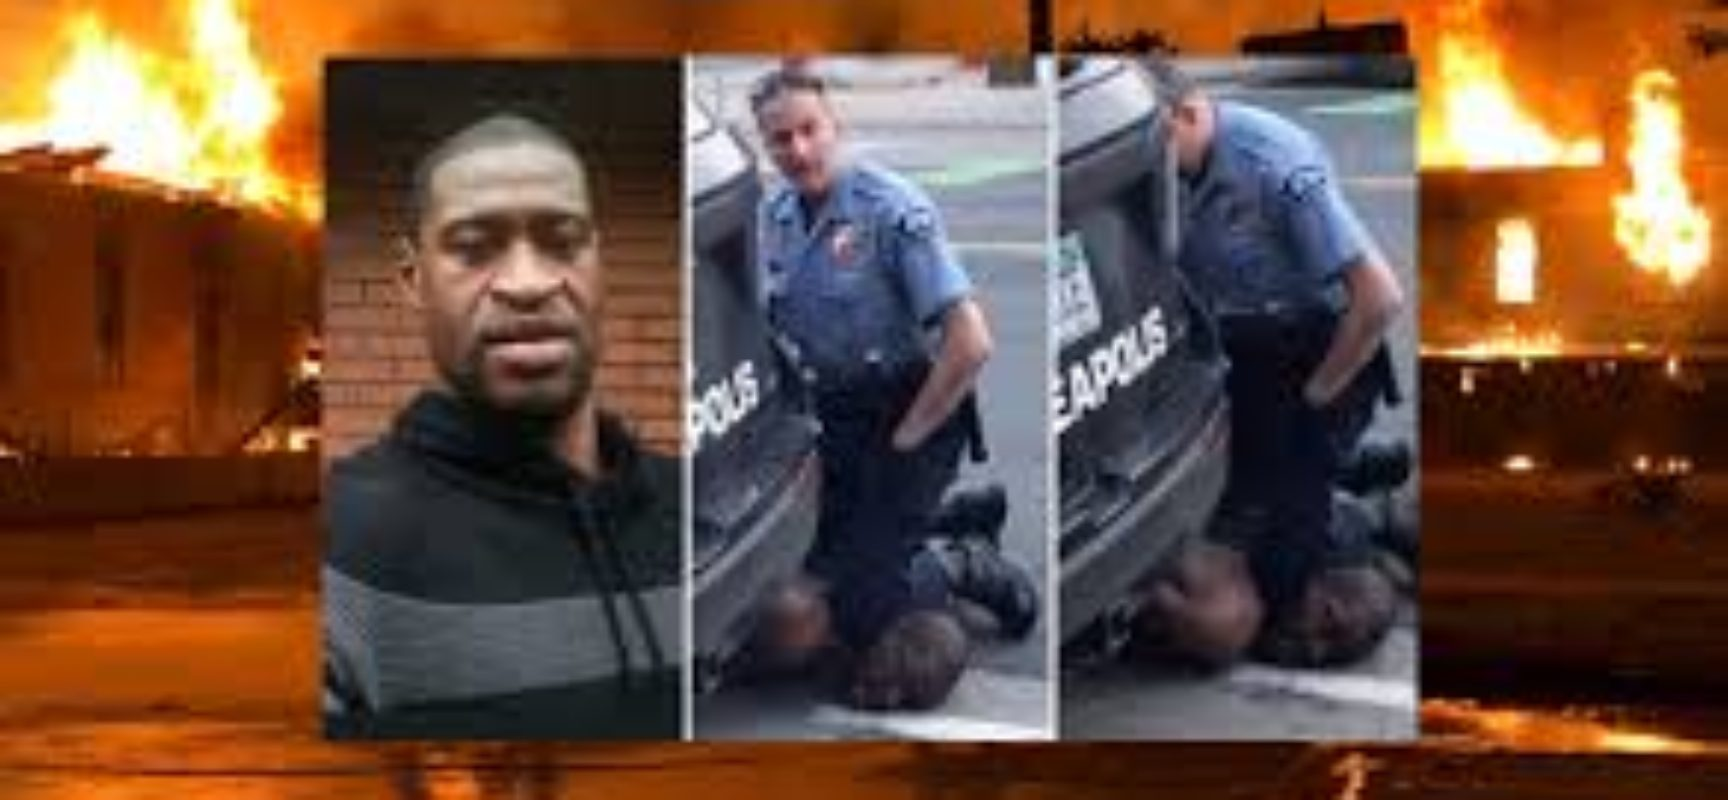 Policial violou regras e Código de Ética em prisão de George Floyd